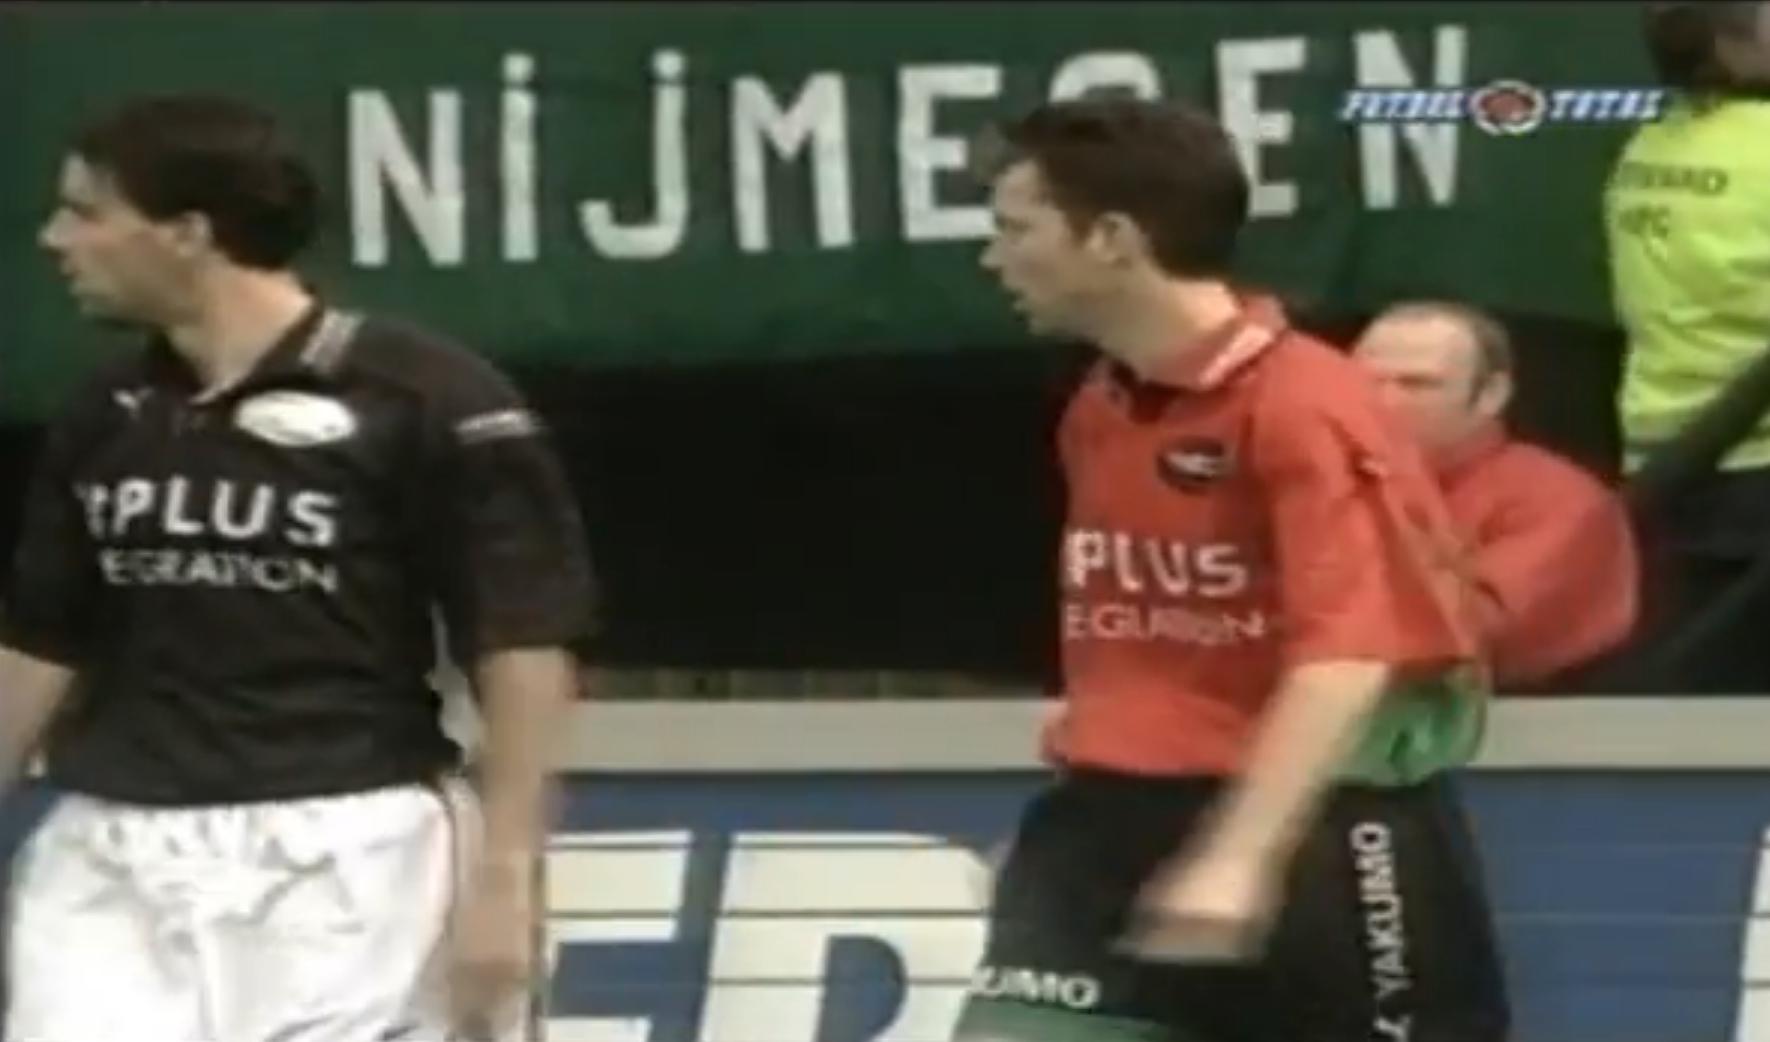 Memorabele momenten: die keer dat Van Nistelrooy in een NEC-shirt speelde